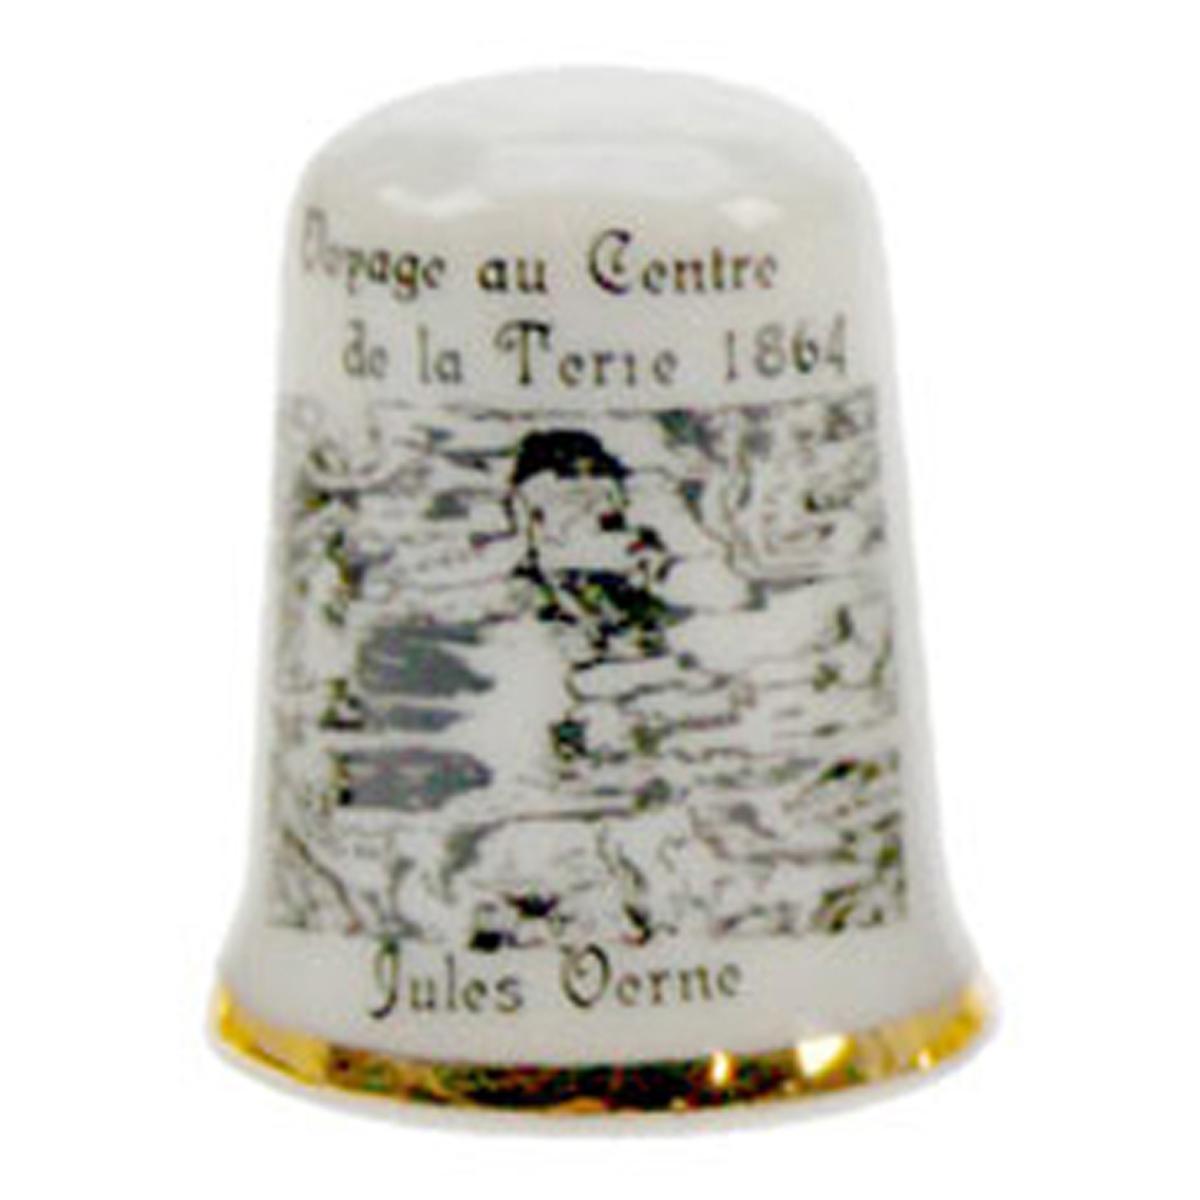 Dé à coudre \'Jules Verne\' (voyage au centre de la terre 1864) - 27x23 mm - [A0799]